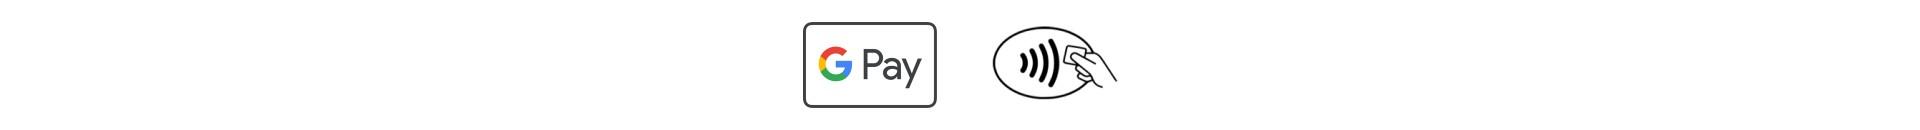 GP Trademark und Kontaktlos Zeichen - Desktop